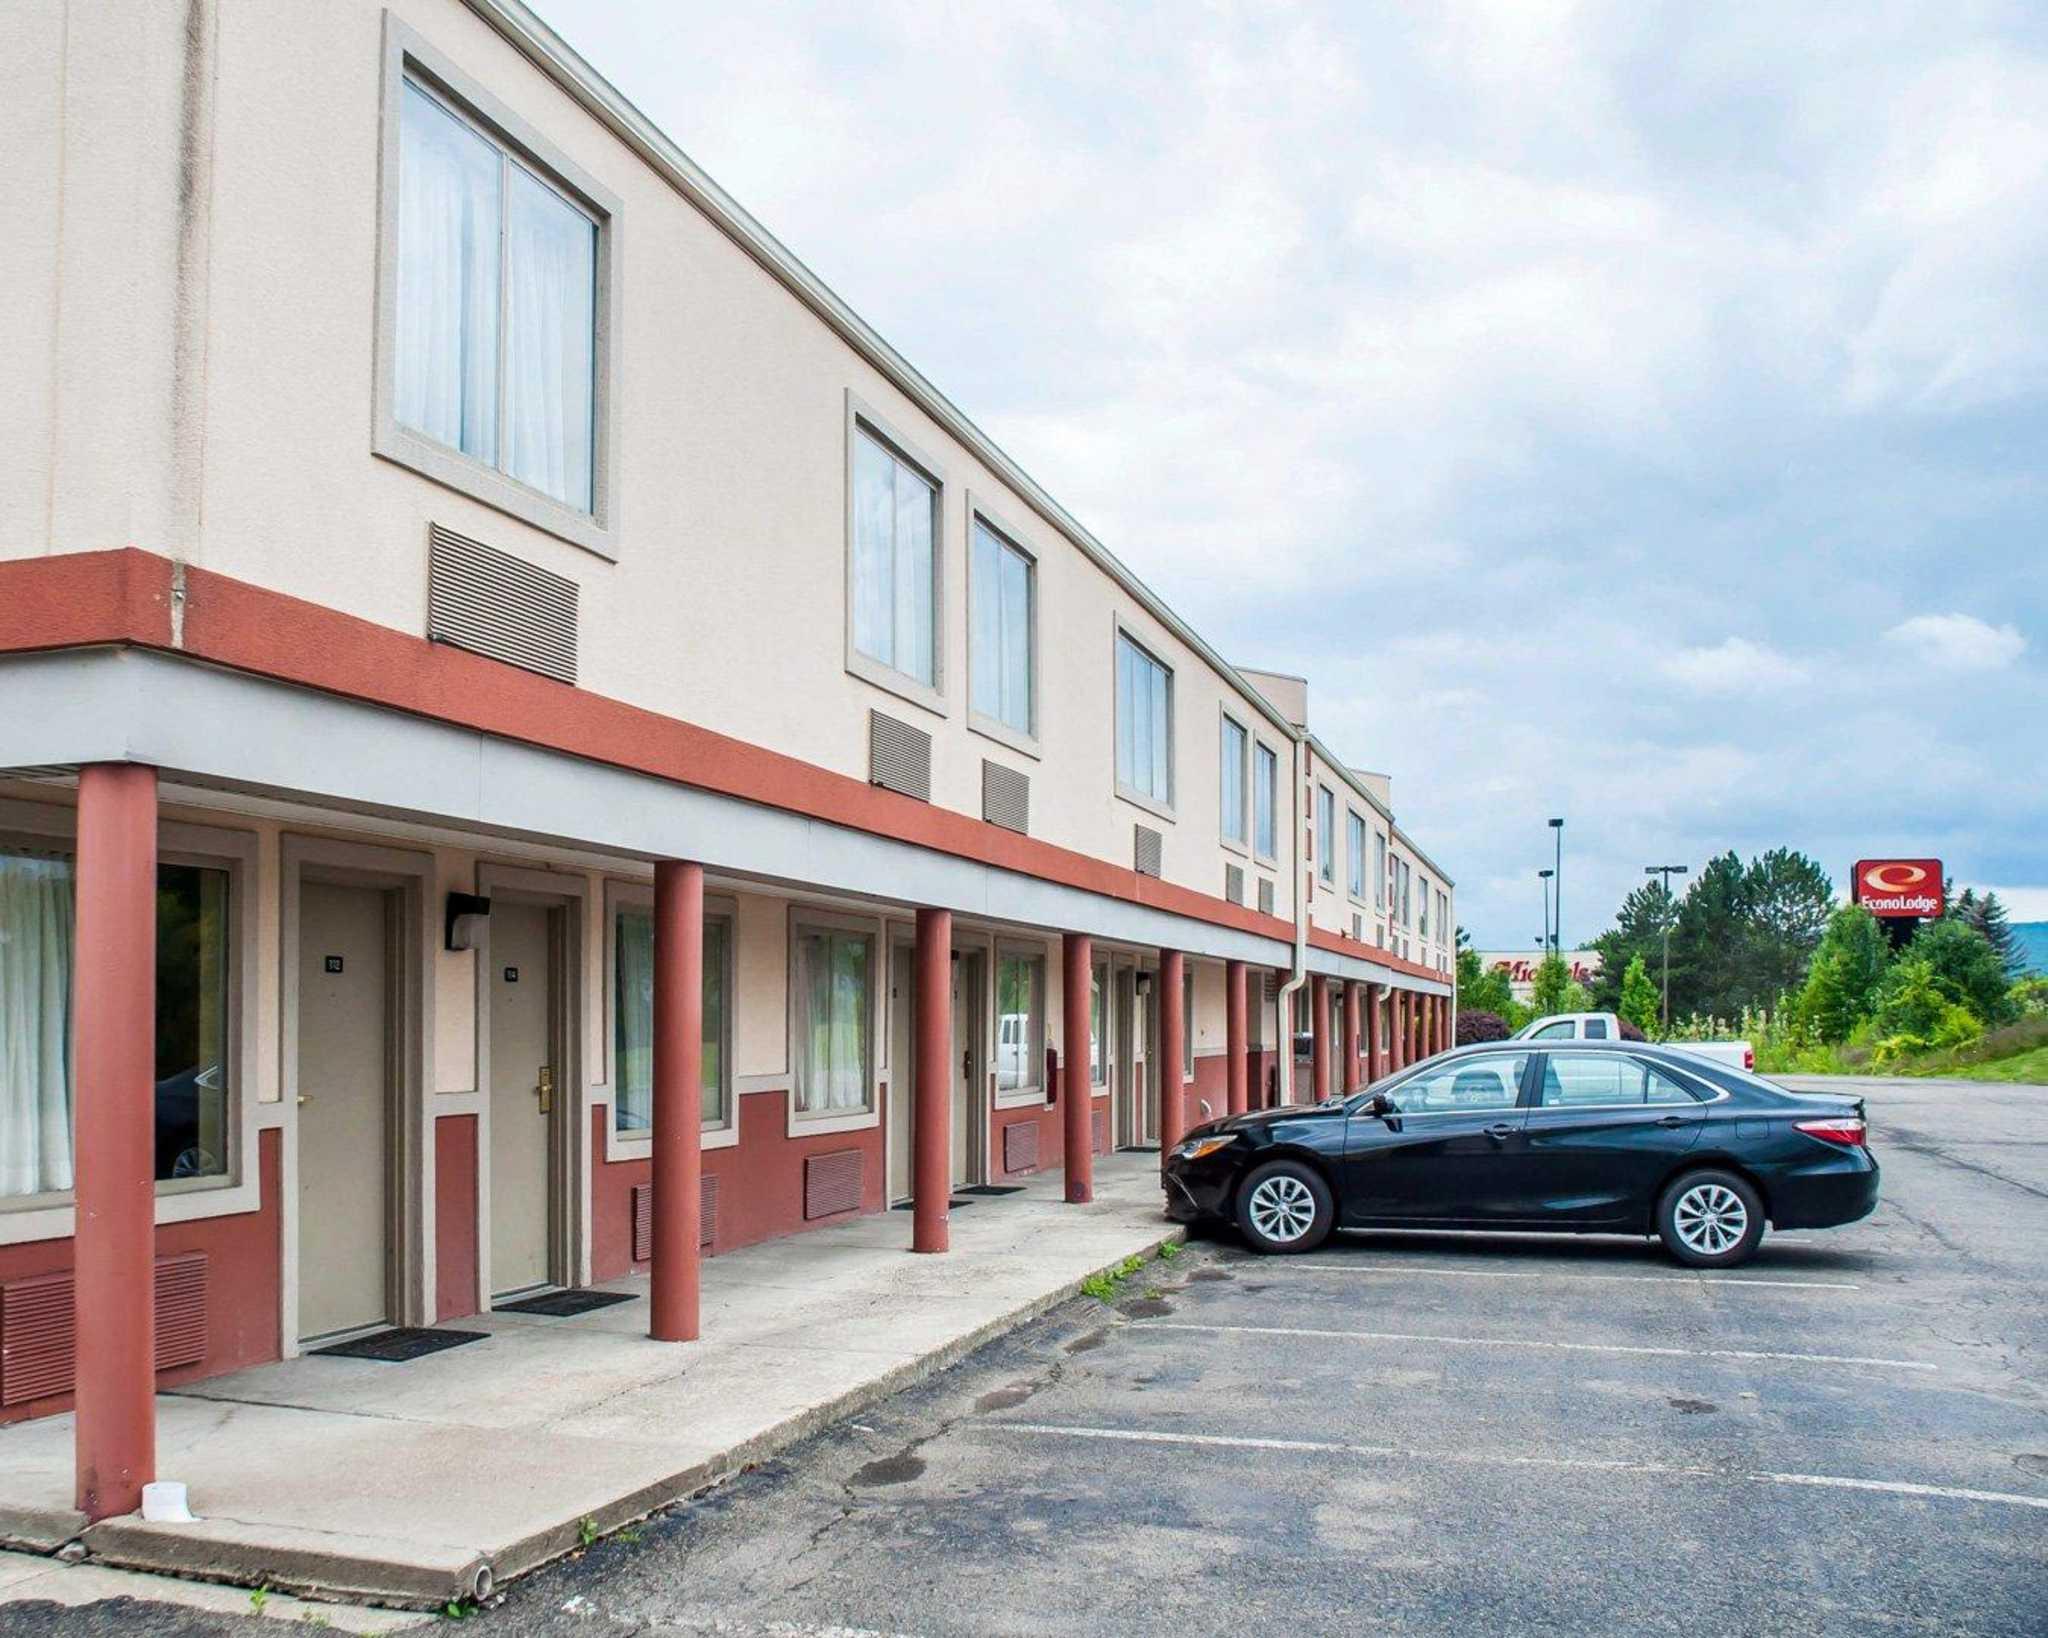 Motels Corning Ny Area